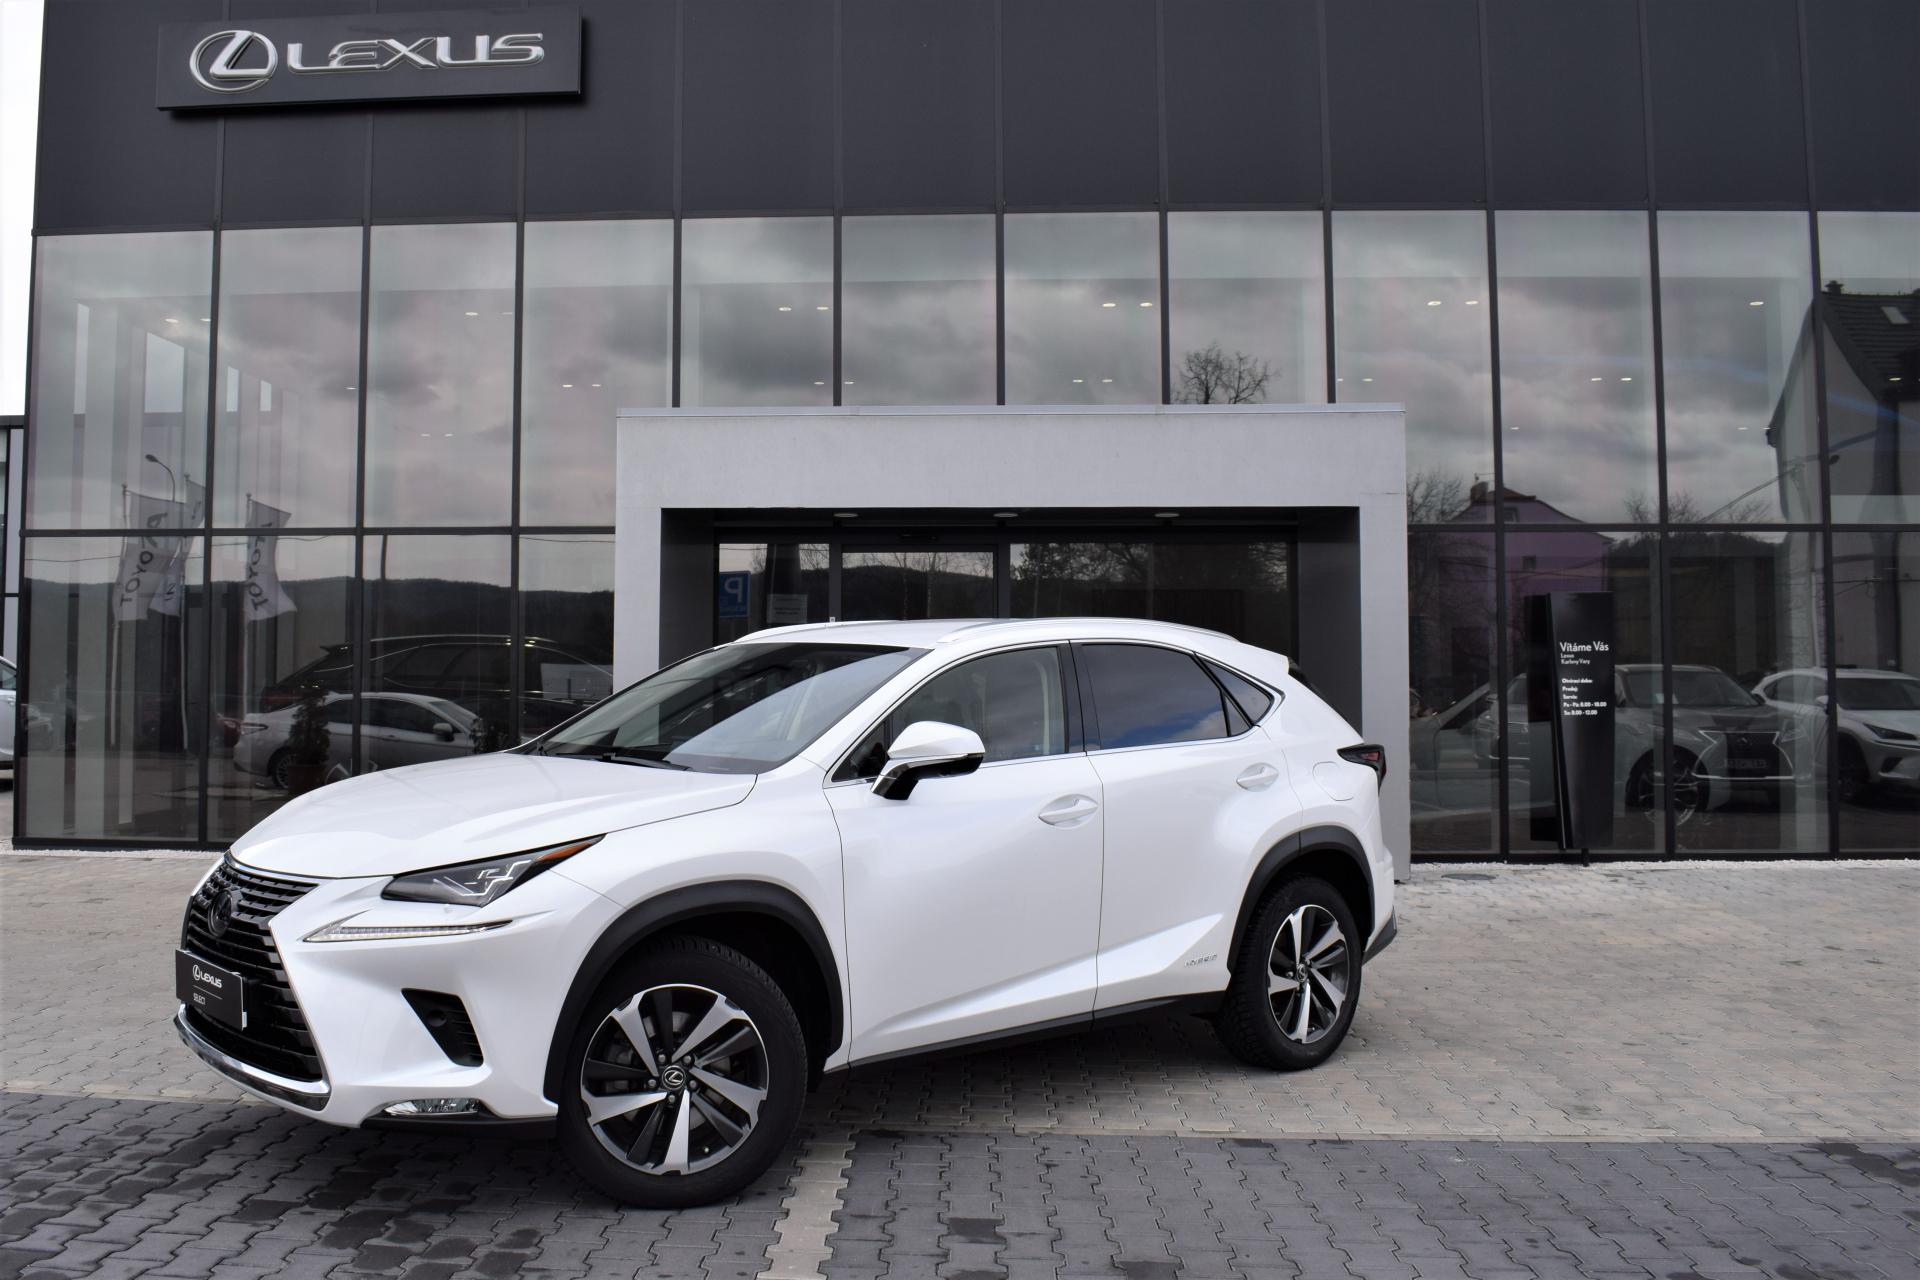 Lexus NX 300h LUXURY 2.5 L Petrol Hybrid (197 k) aut. e-CVT (4X4)